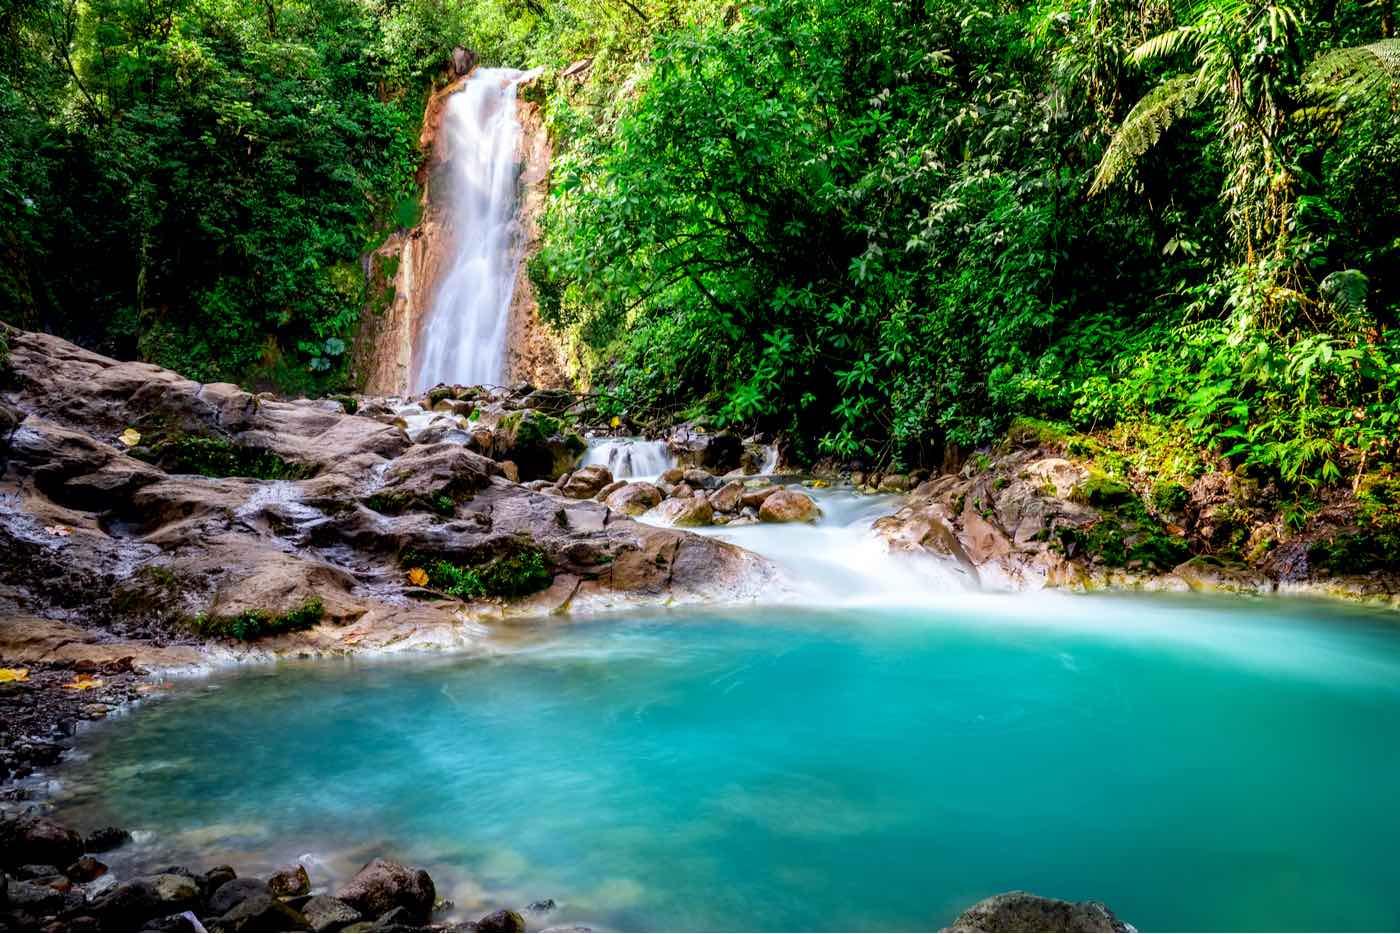 Cascadas azules de Costa Rica, paisaje natural en Bajos del Toro cerca de la Catarata del Toro y San José.